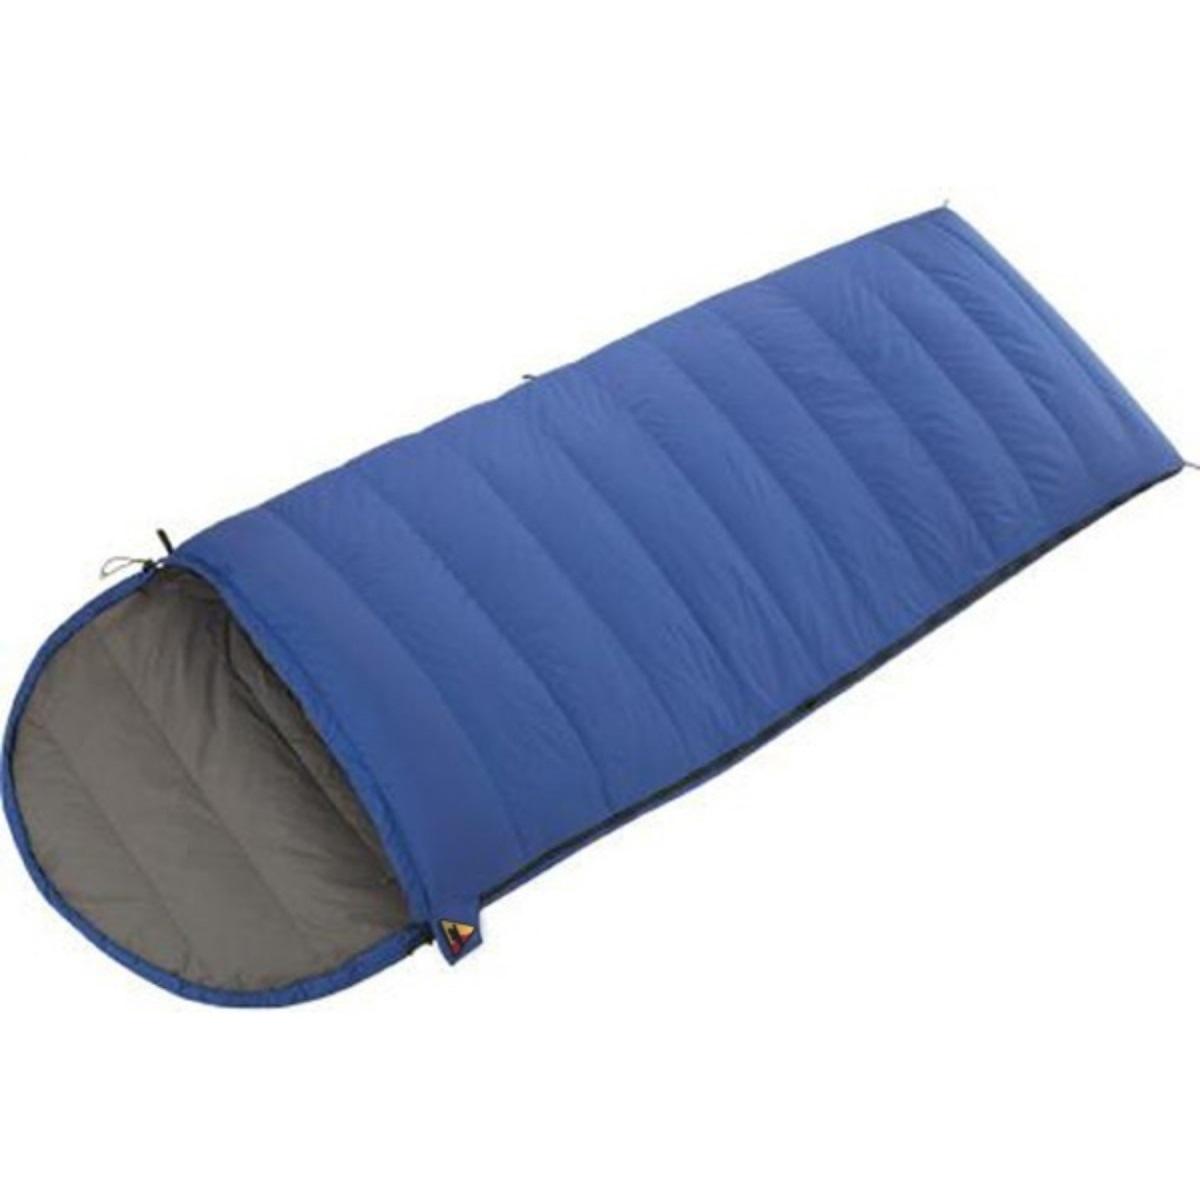 Спальный мешок BASK BLANKET PRO V2 XL 3541Спальные мешки<br><br><br>Верхняя ткань: Advance®Perfomance<br>Вес без упаковки: 1330<br>Вес упаковки: 150<br>Вес утеплителя: 866<br>Внутренняя ткань: Advance® Classic<br>Назначение: Экстремальный<br>Наличие карманов: Нет<br>Наполнитель: Гусиный пух<br>Нижняя температура комфорта °C: -10<br>Подголовник/Капюшон: Да<br>Показатель Fill Power (для пуховых изделий): 670<br>Пол: Унисекс<br>Размер в упакованном виде (диаметр х длина): 22х55<br>Размеры наружные (внутренние): 235х200х90<br>Система расположения слоев утеплителя или пуховых пакетов: Смещенные швы<br>Температура комфорта °C: -4<br>Тесьма вдоль планки: Да<br>Тип молнии: Двухзамковая-разъёмная<br>Тип утеплителя: Натуральный<br>Утеплитель: Гусиный пух<br>Утепляющая планка: Да<br>Форма: Одеяло<br>Шейный пакет: Да<br>Экстремальная температура °C: -28<br>Размер RU: R<br>Цвет: СИНИЙ